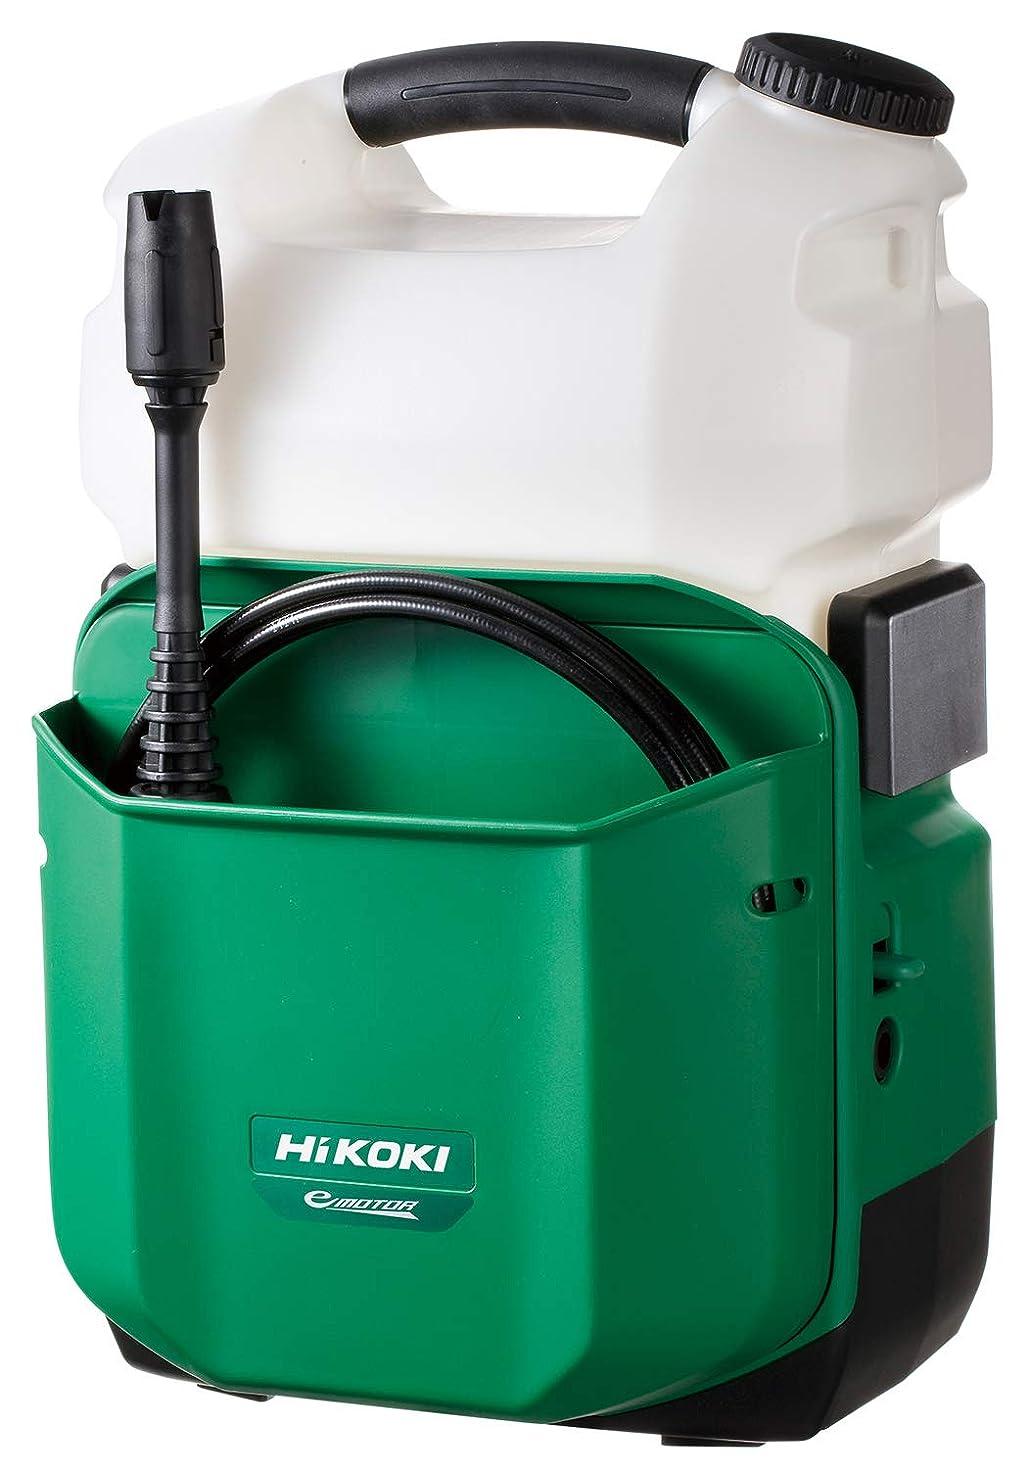 労苦硬いフォークHiKOKI(旧日立工機) 18V コードレス高圧洗浄機 充電式 容量8L タンク給水/水道接続/溜め水給水可能 蓄電池?充電器別売り 本体のみ AW18DBL(NN)